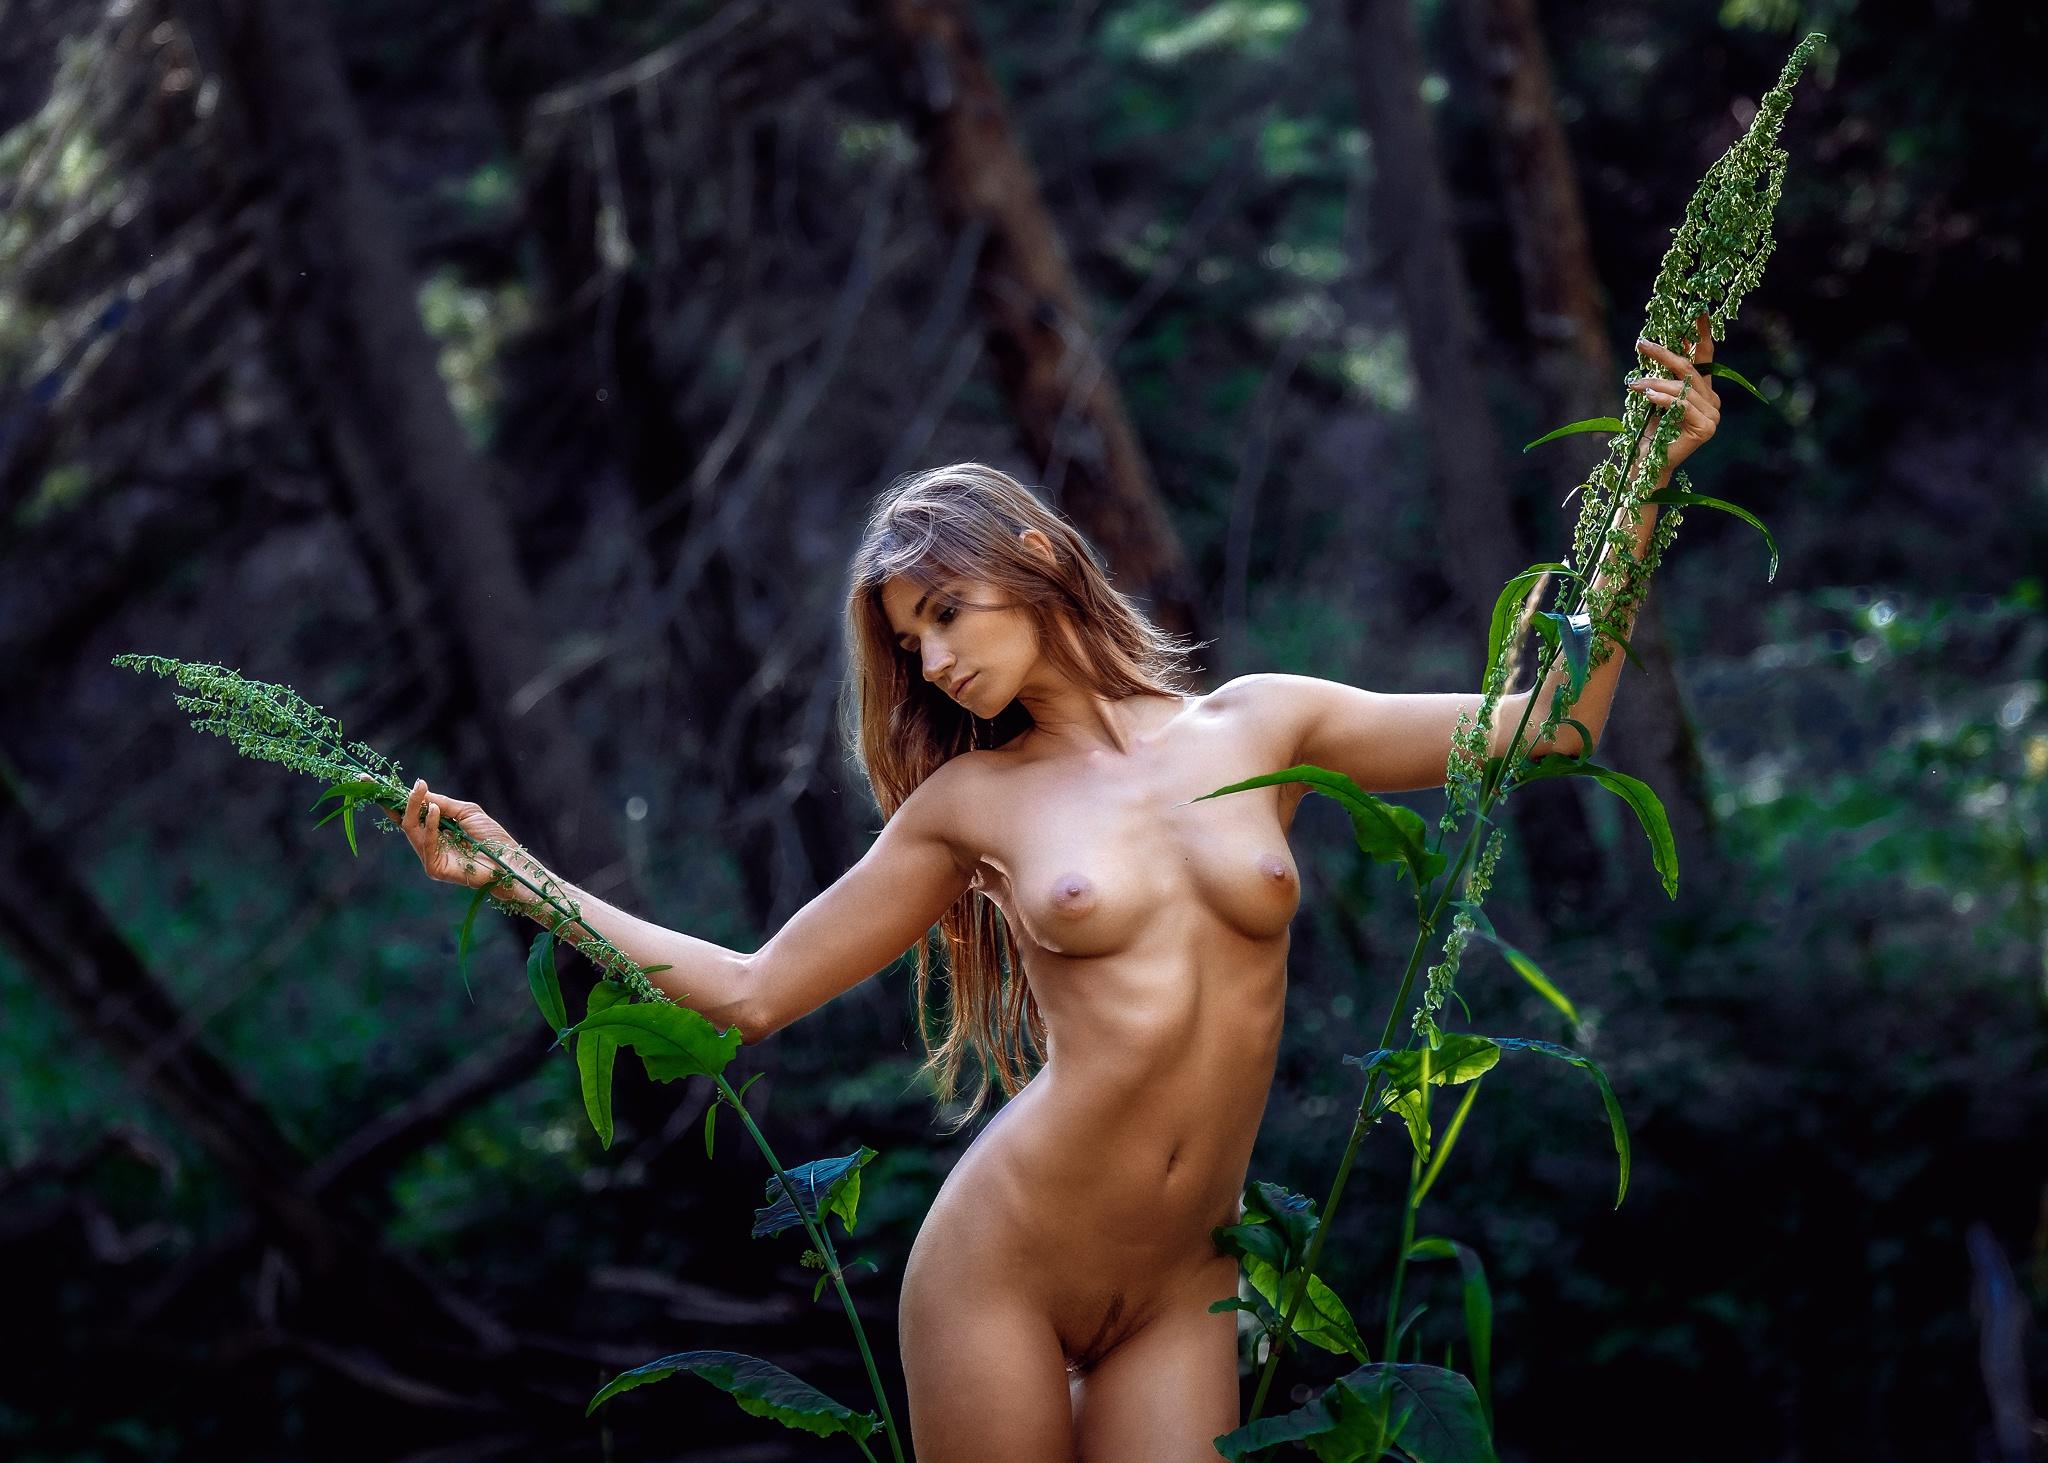 Naga girl naked fucking photo nude images